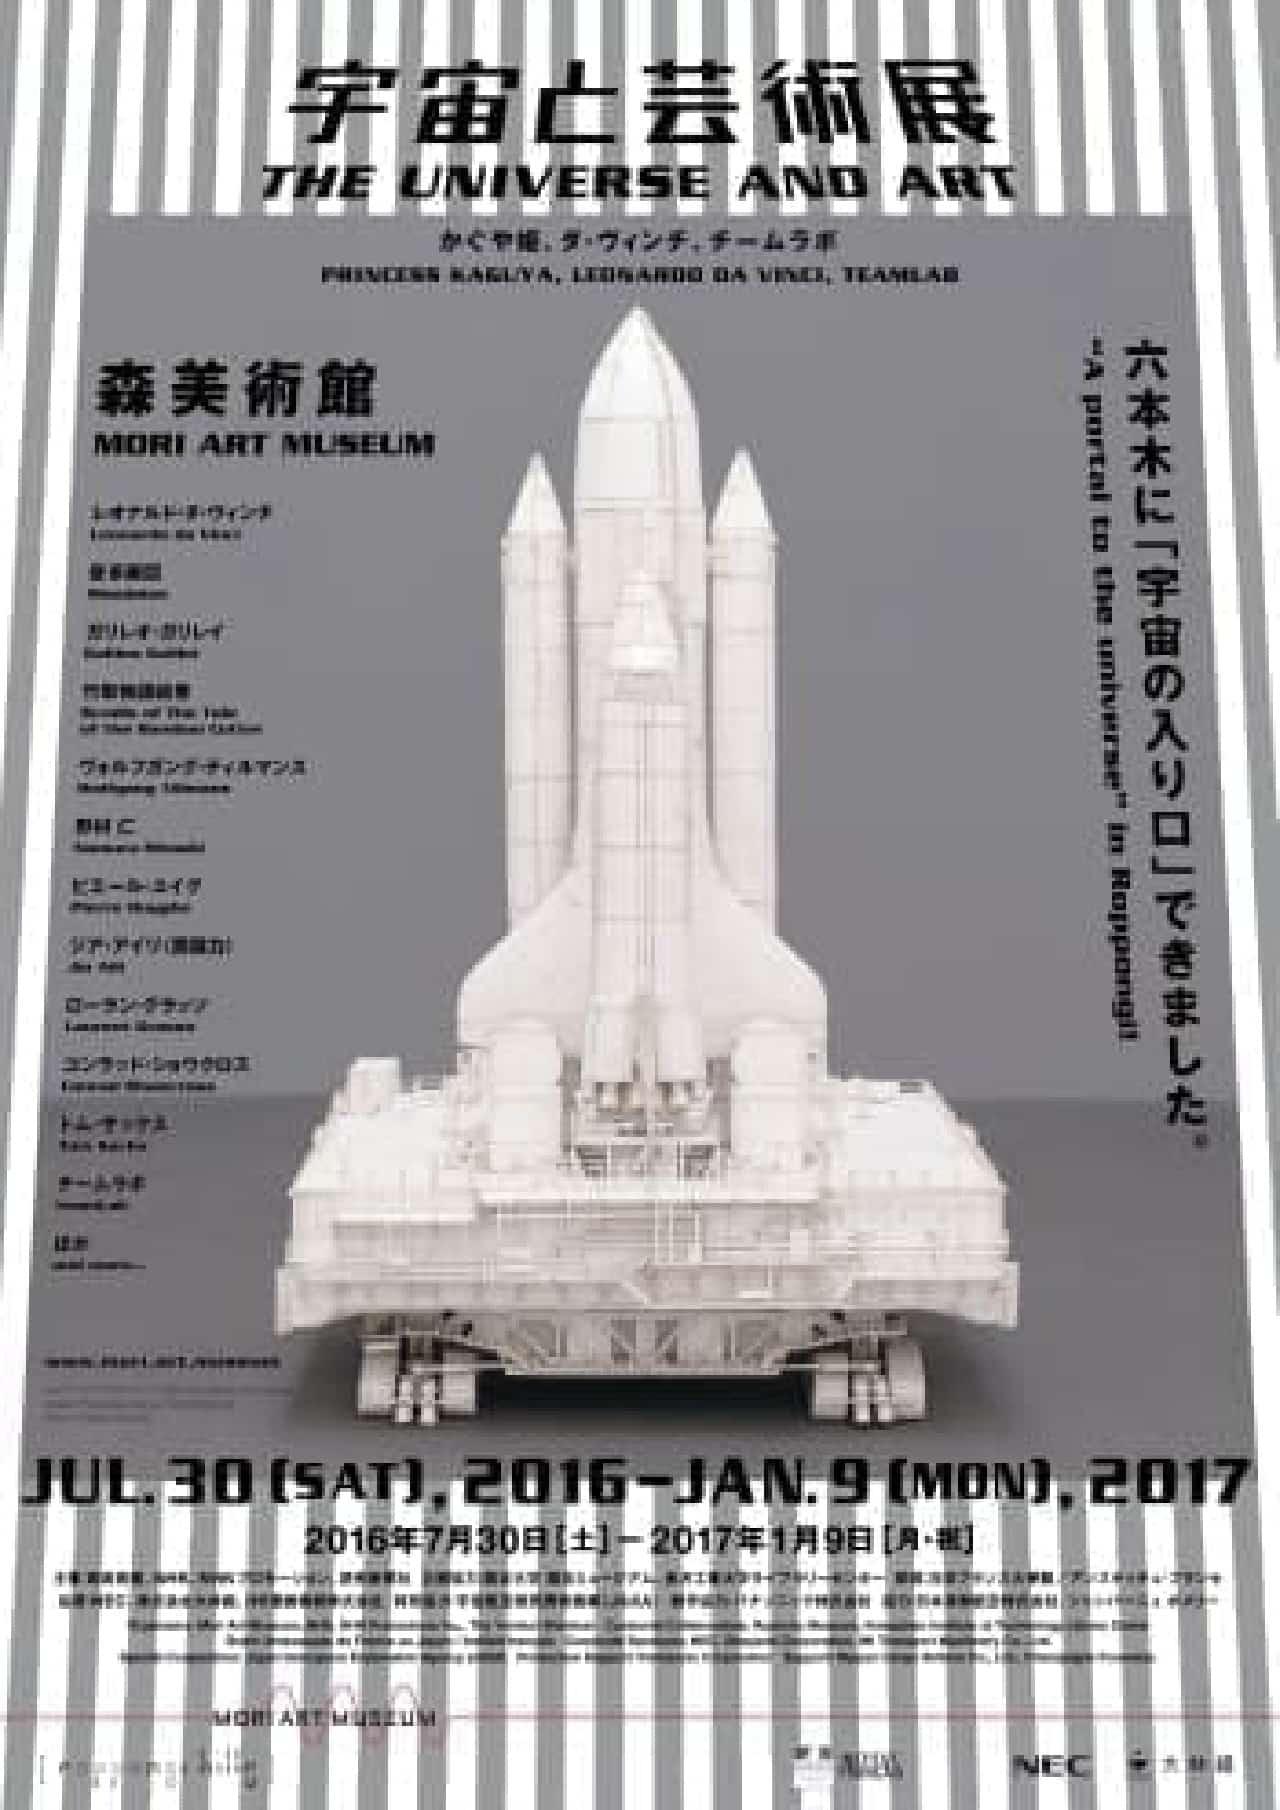 宇宙と芸術展ポスター